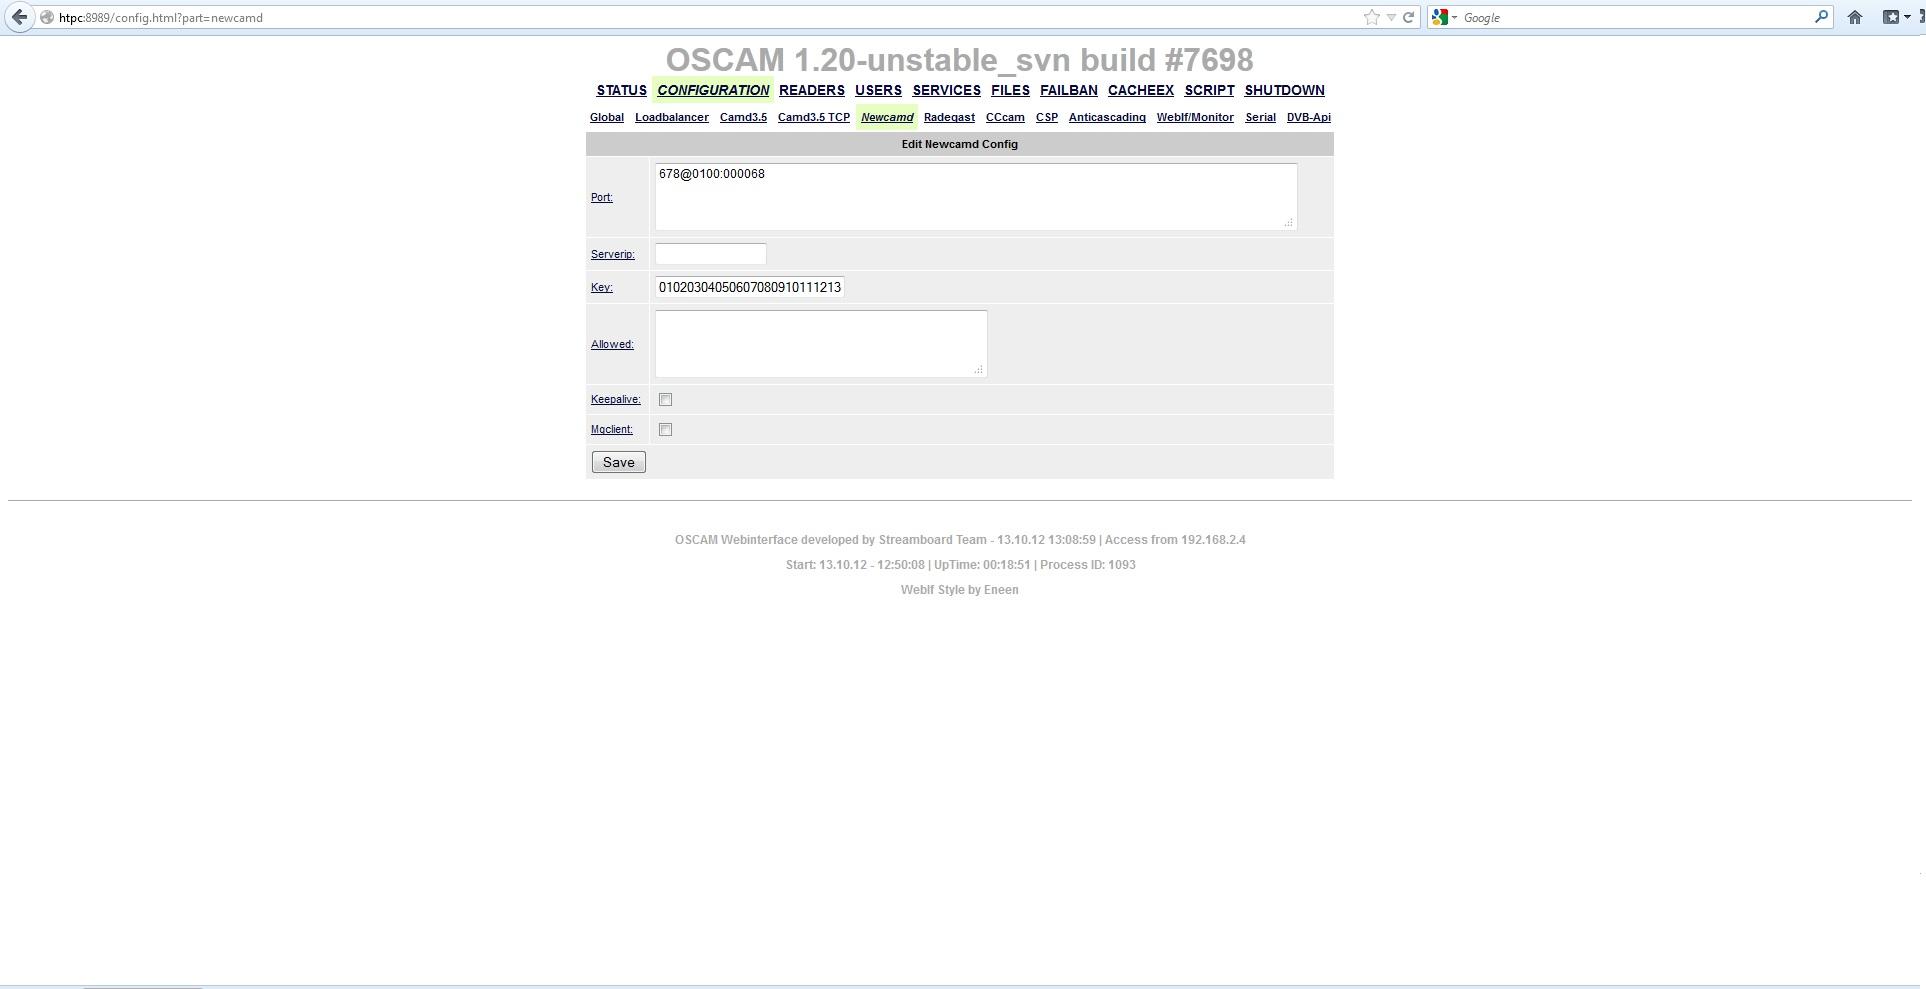 Tvheadend + oscam + cccam EM: No available descrambler